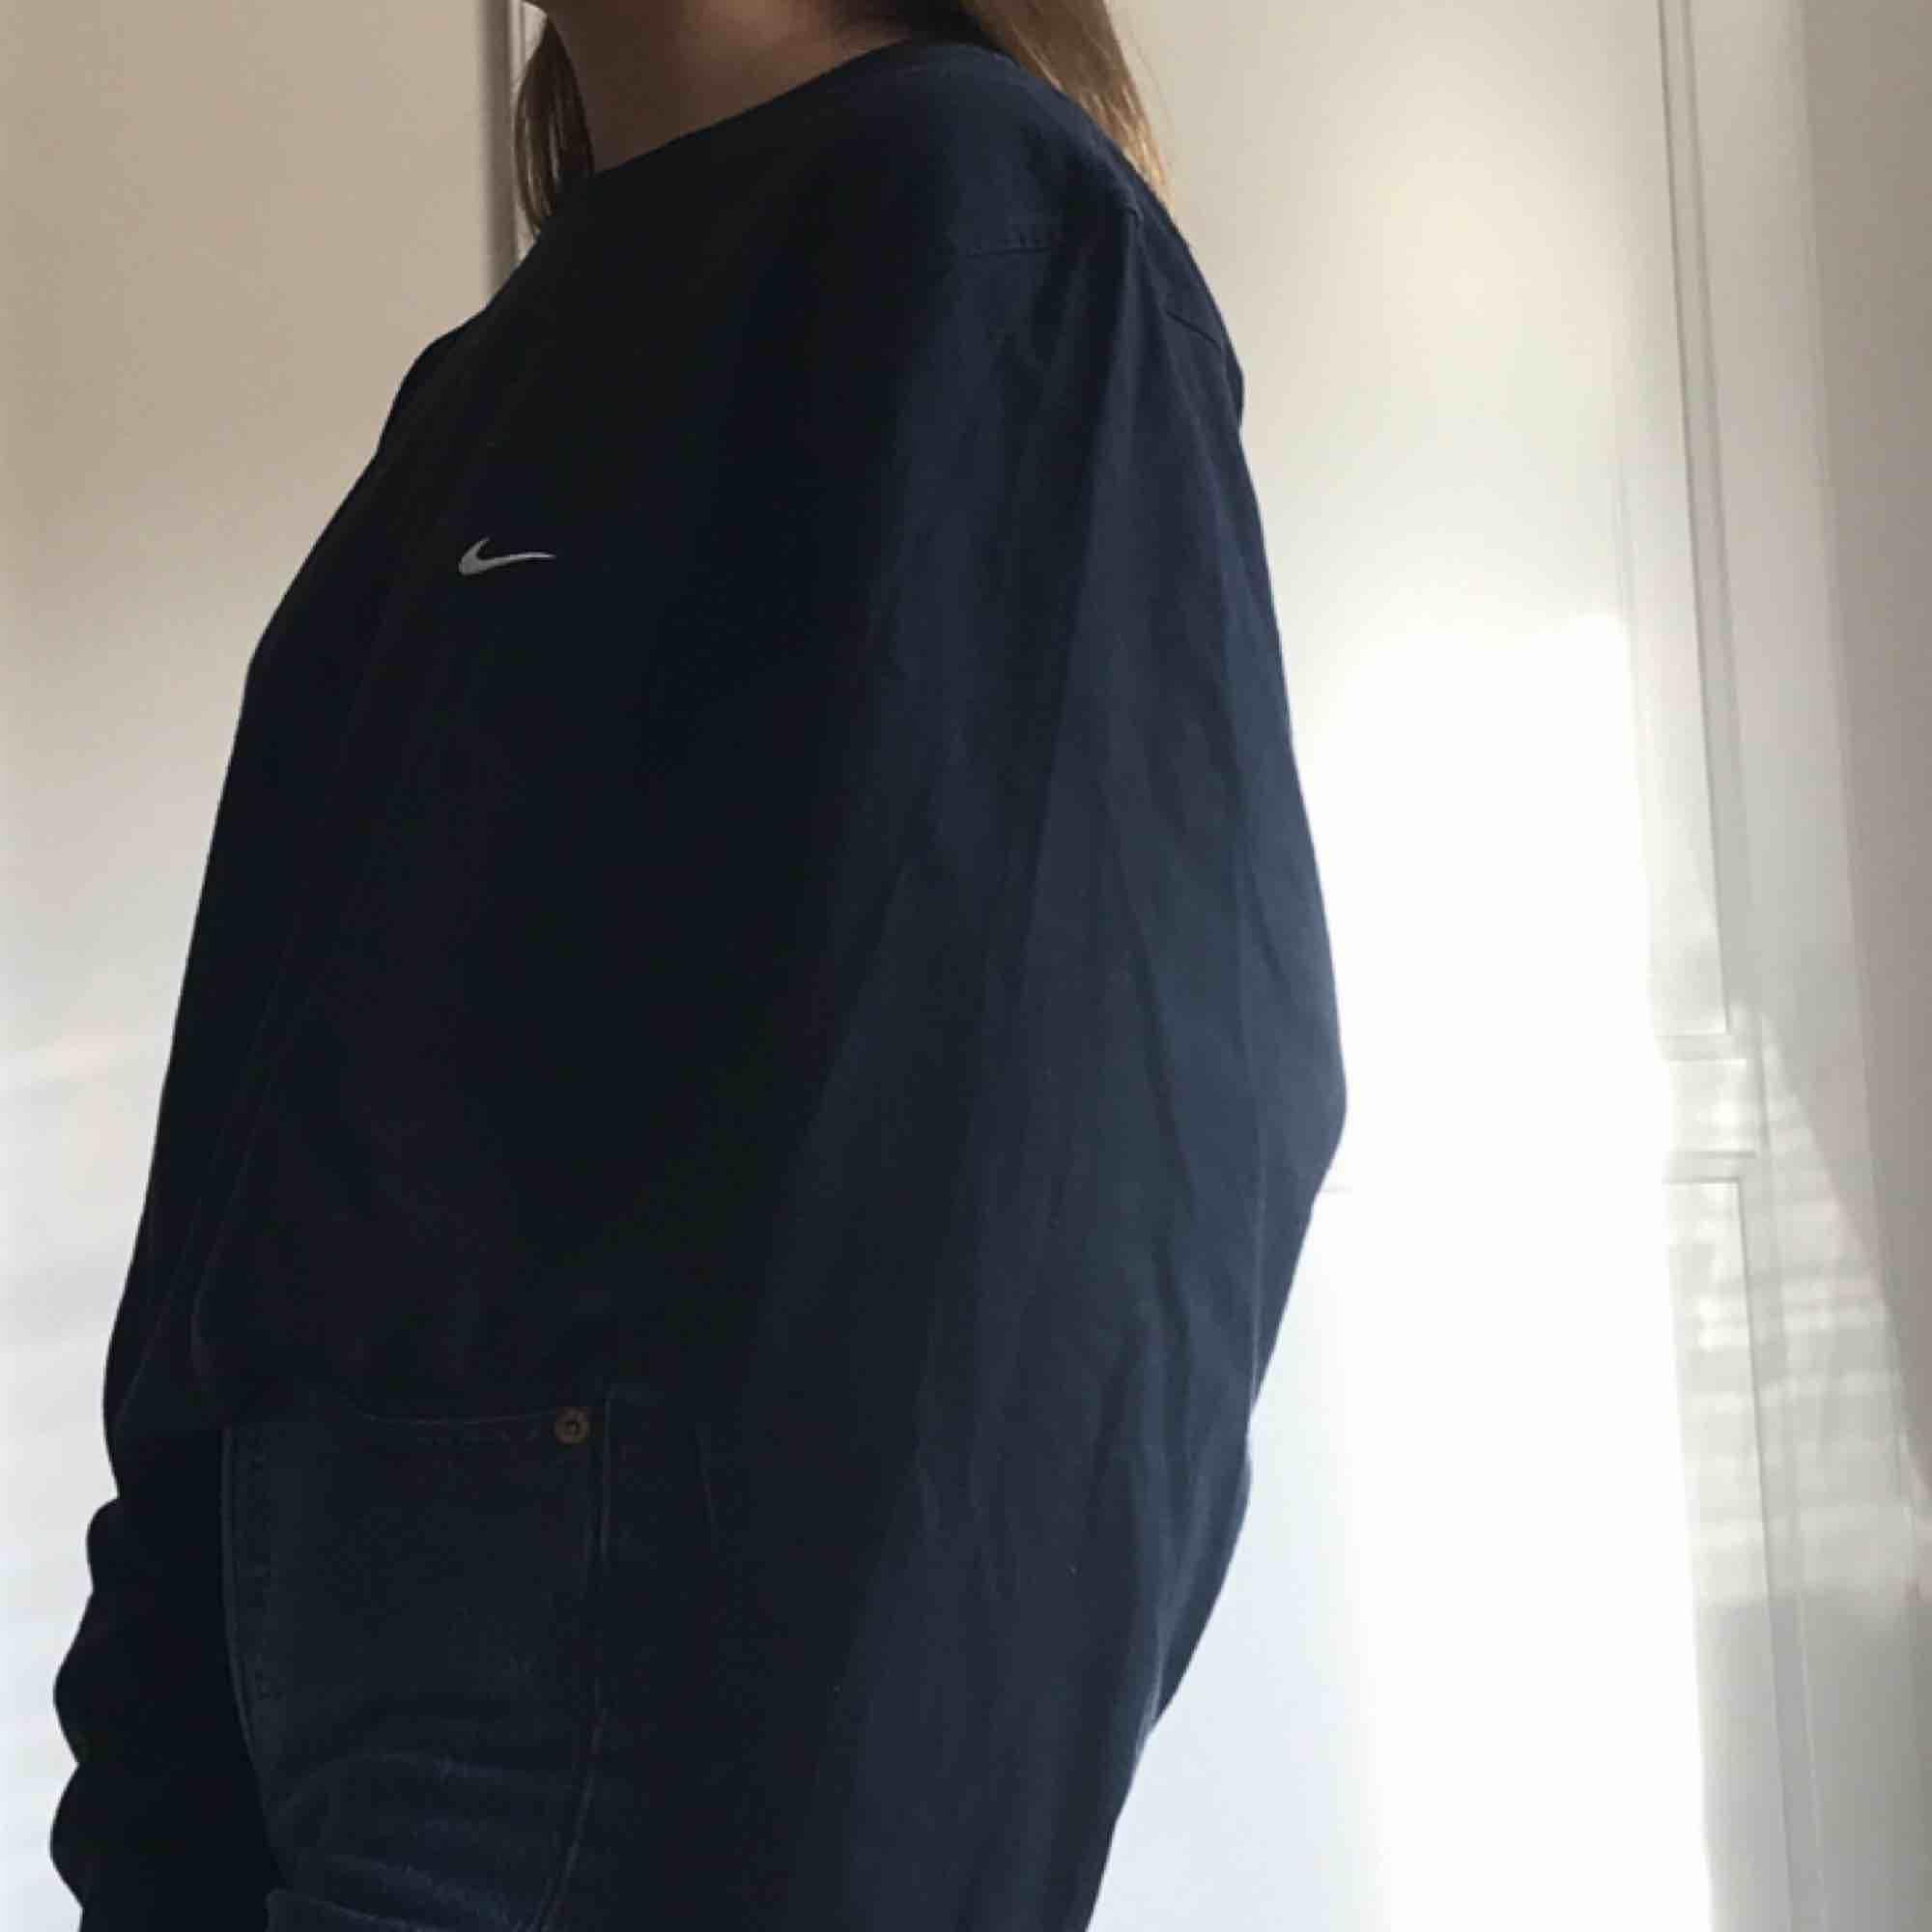 Långärmad mörkblå tröja från Nike. Är strl L men passar mig som normalt har S. Köparen står för frakt. . Toppar.